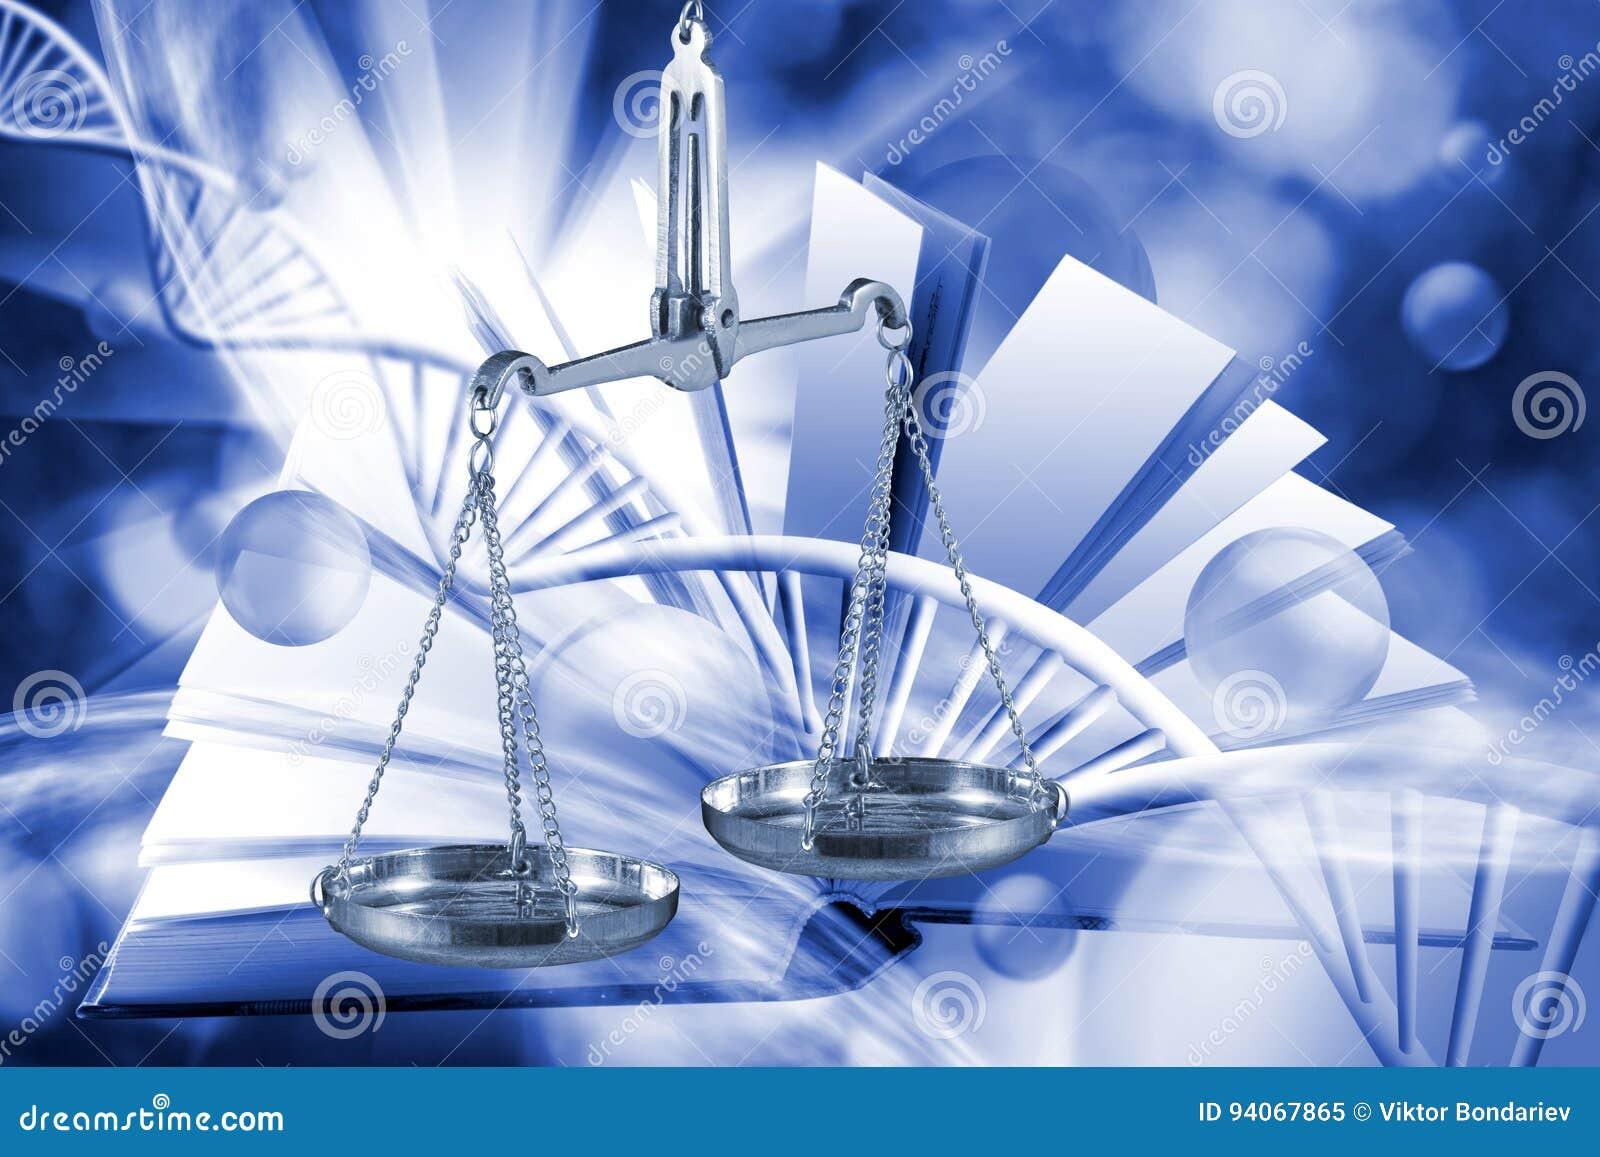 Imagem do equipamento microbiológico e médico em um fundo tecnologico